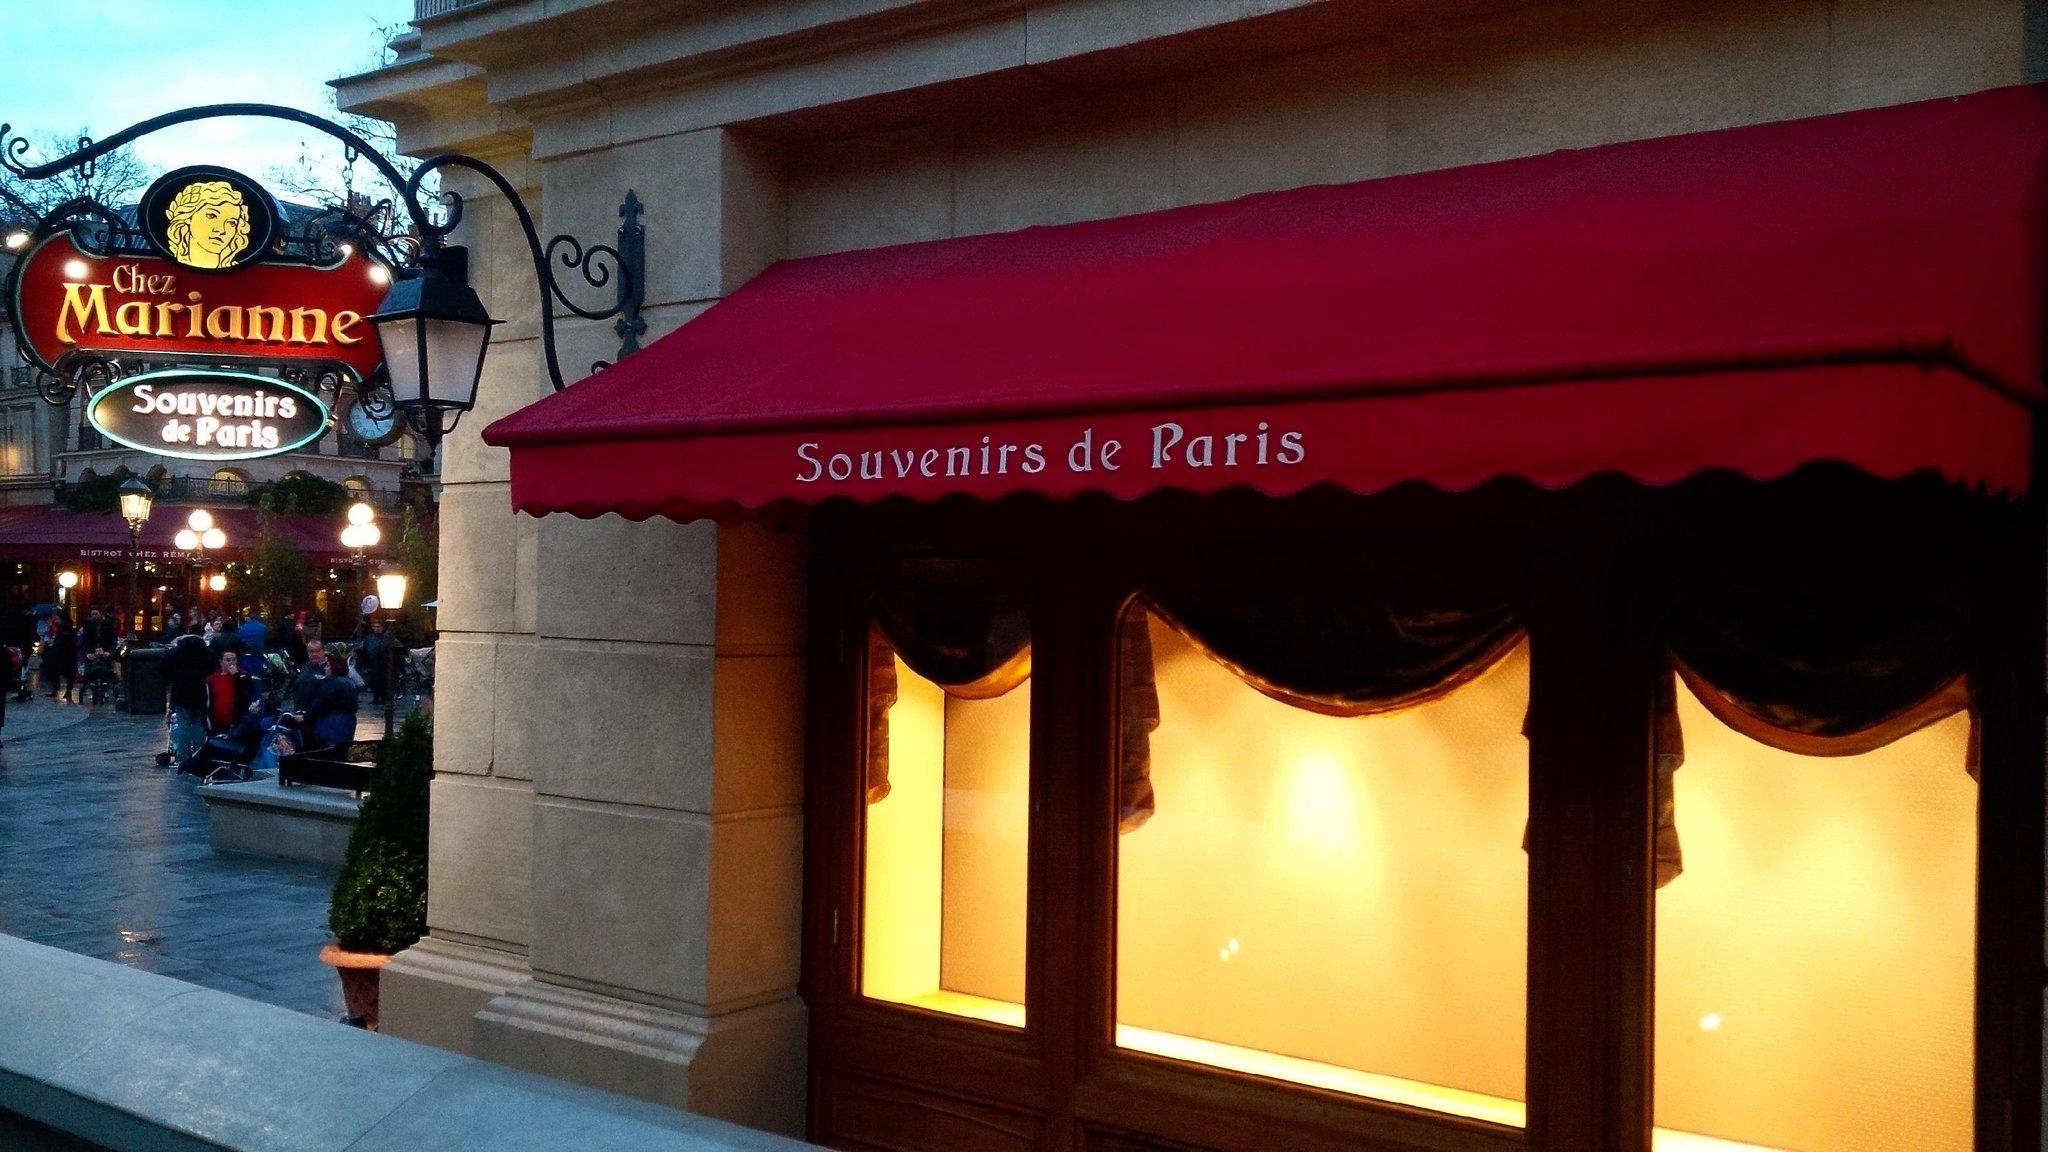 [Nouvelle Boutique - Toon Studio] Chez Marianne Souvenirs de Paris (28 novembre 2014) - Page 7 B2vOHJbIgAAodSO